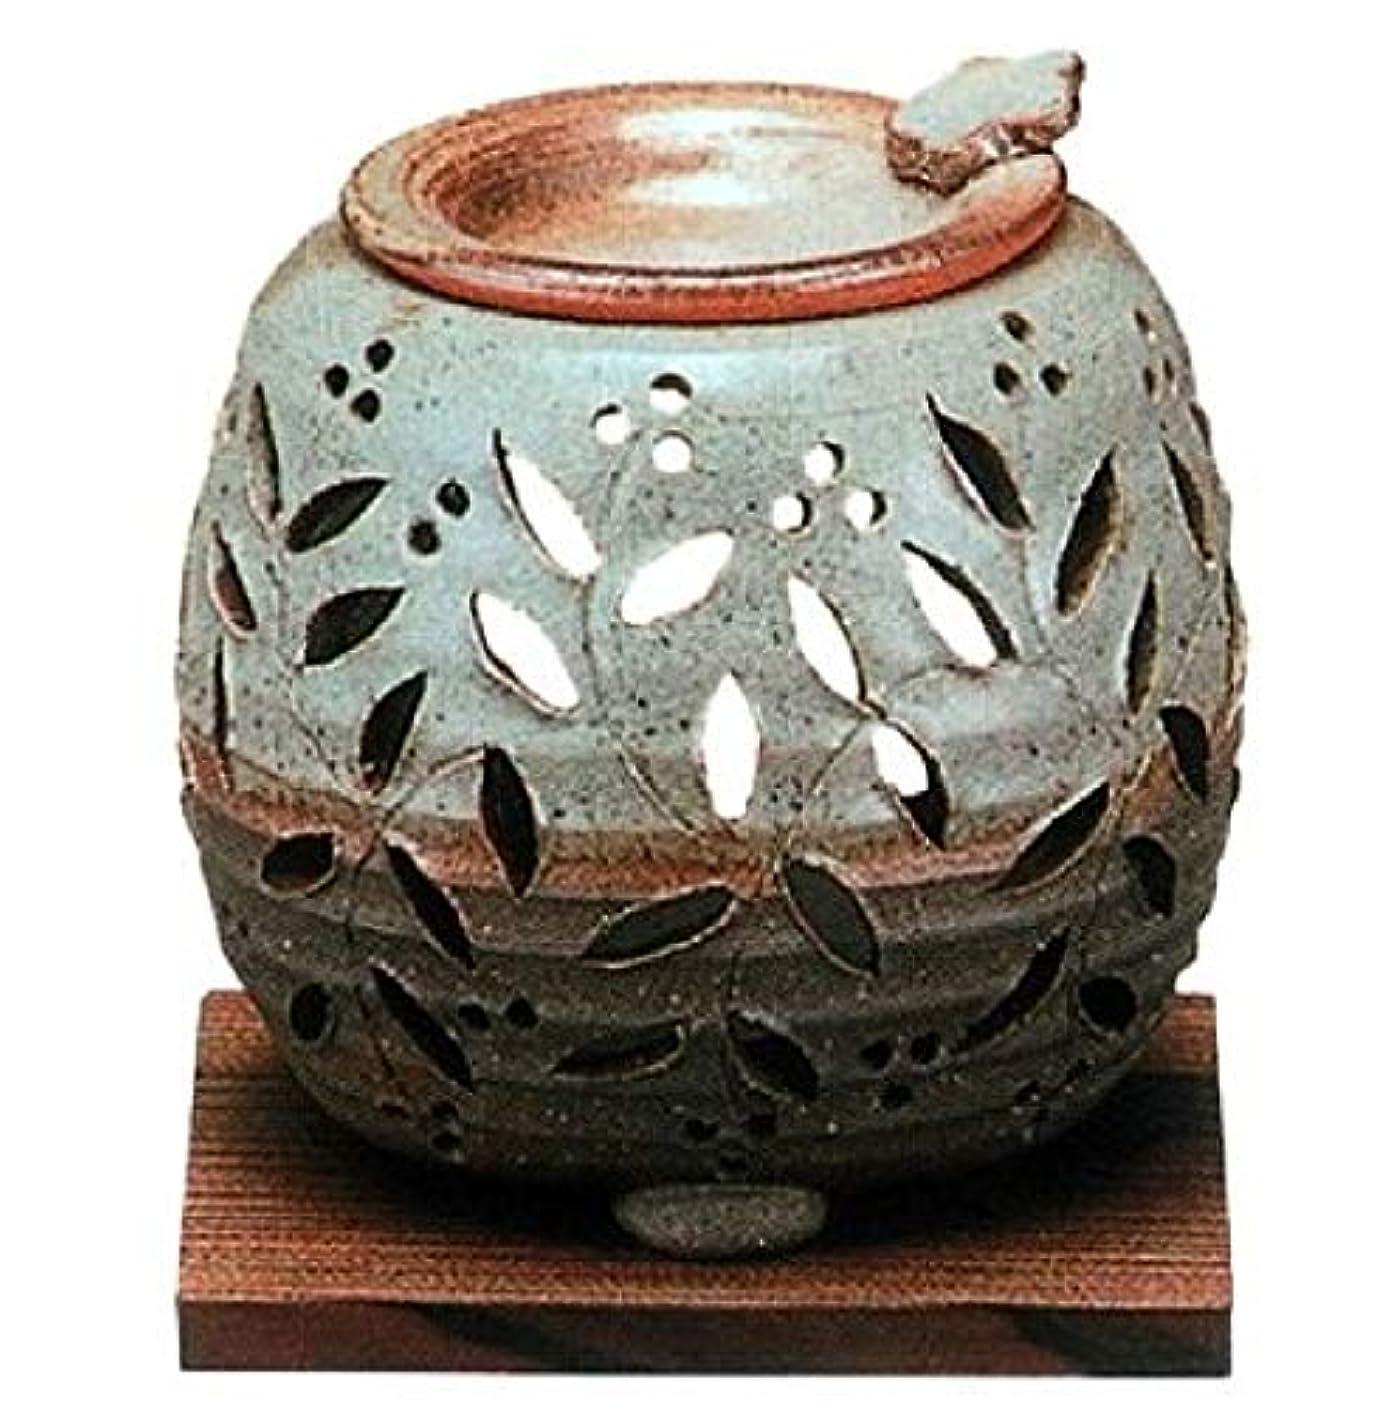 誰コース最大化する【常滑焼】石龍 緑灰釉花透かし彫り茶香炉 灰釉花透かし  φ11×H11㎝ 3-829